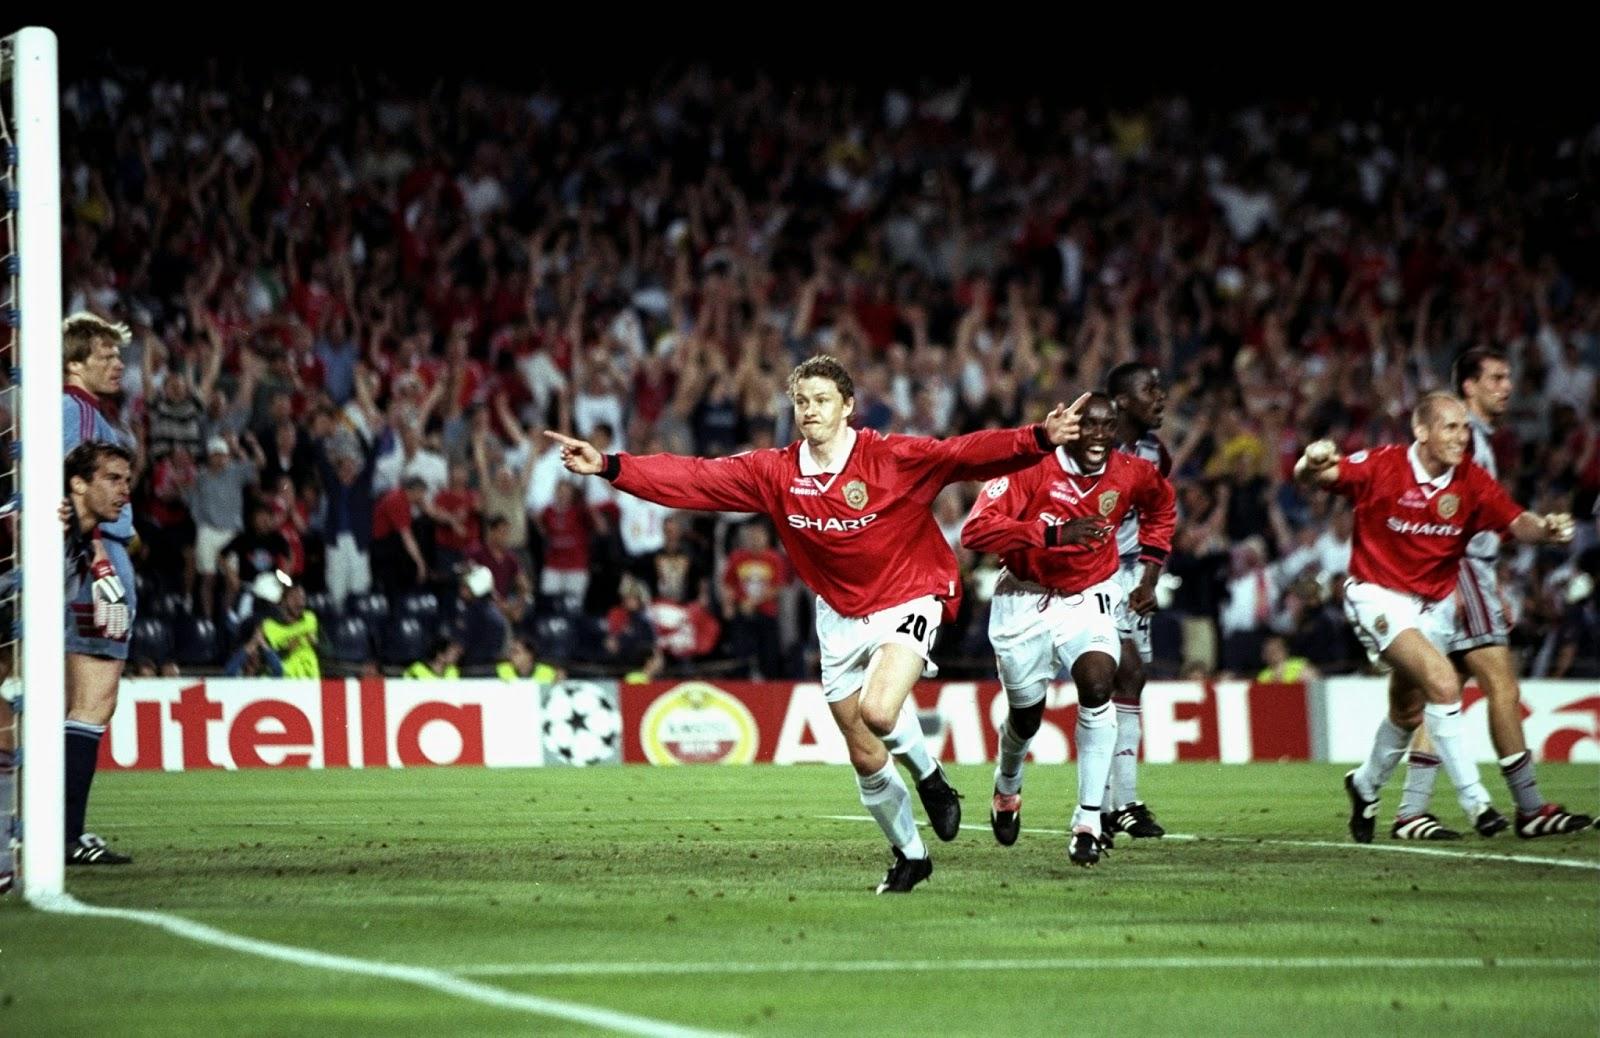 1999 Champions League Final - Manchester United v Bayern Munich